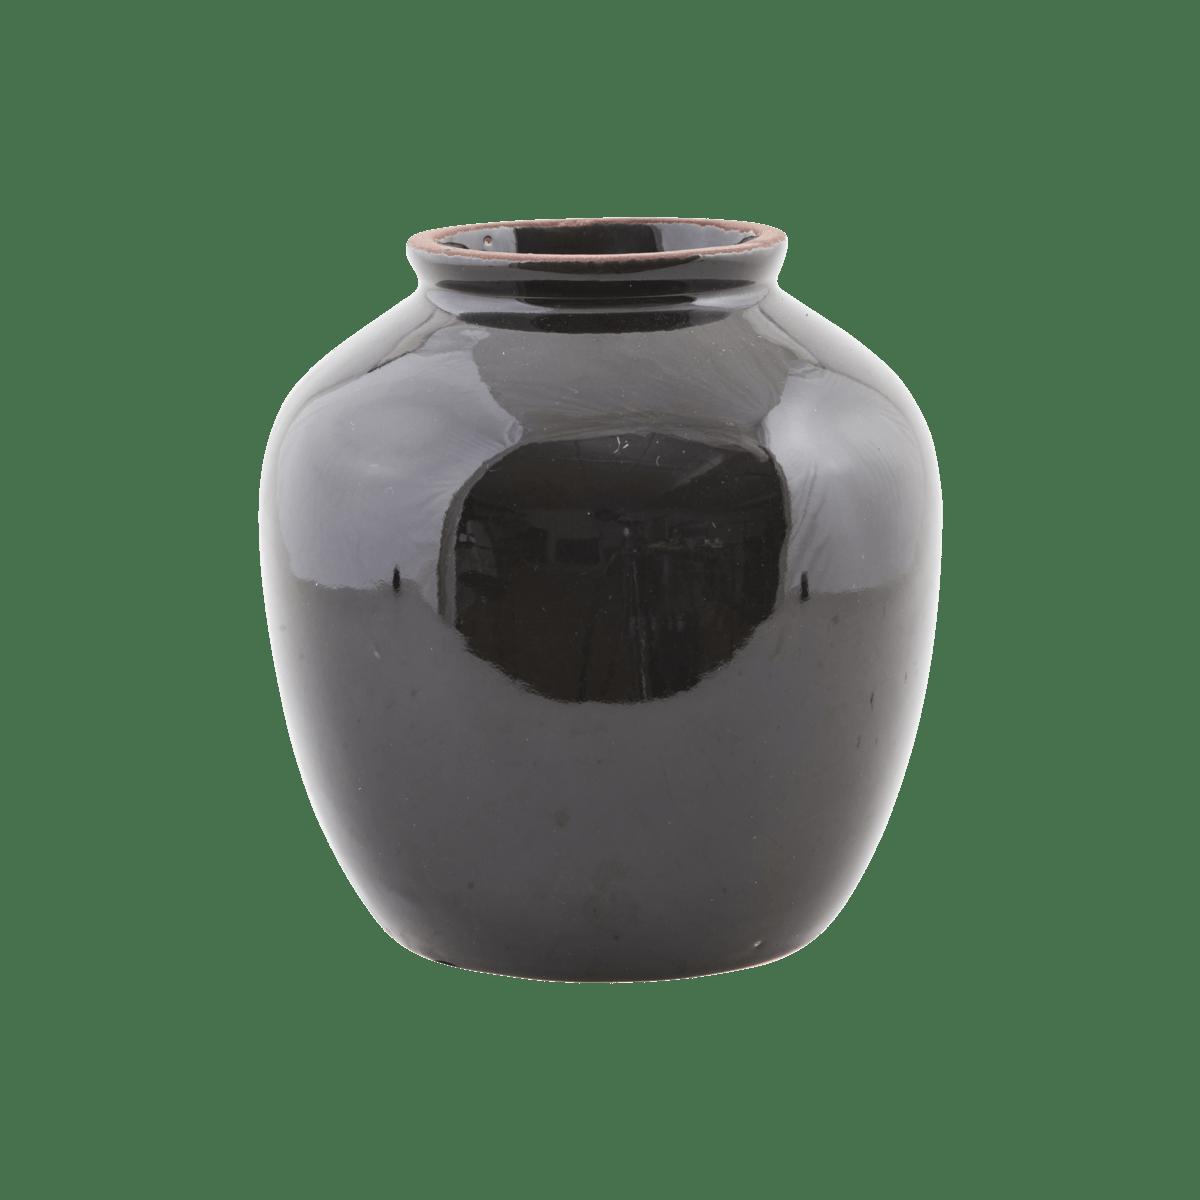 Sada 3 ks − Černá váza Shina velká